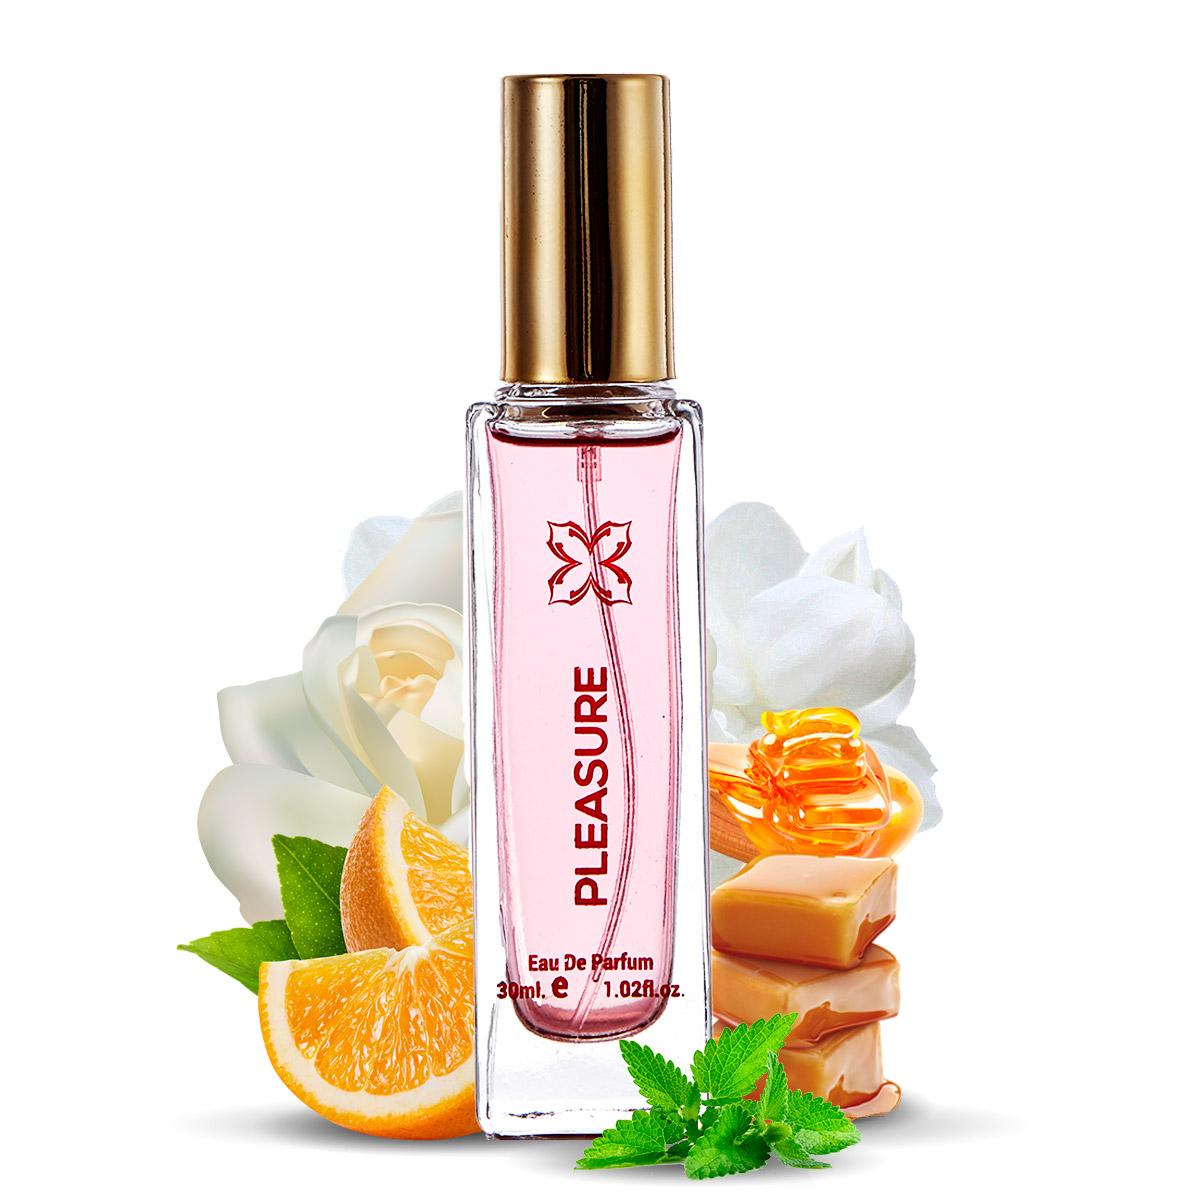 Essenciart Pleasure Perfume Feminino Importado Edt 30ml